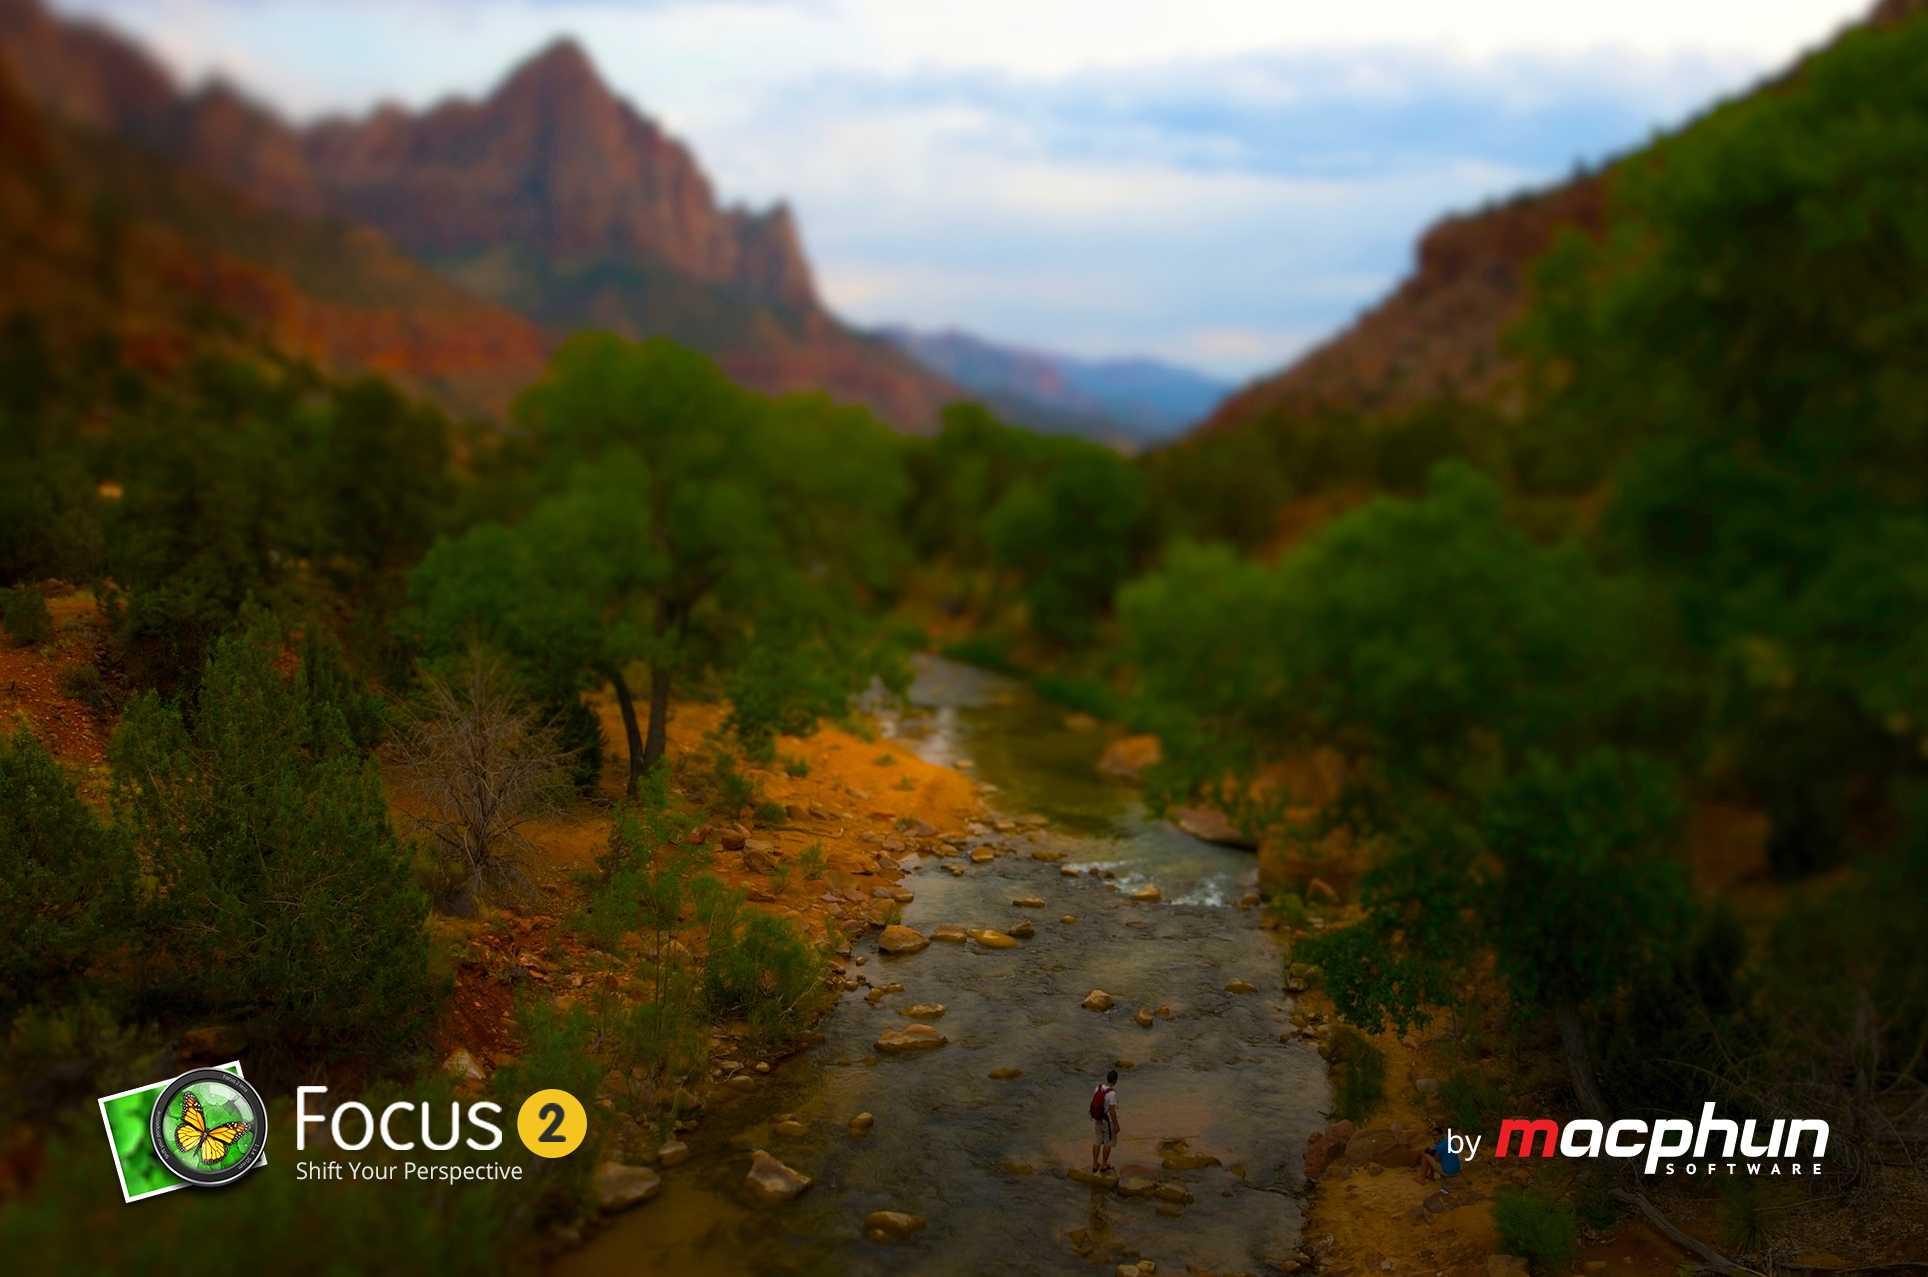 Focus_photo_3